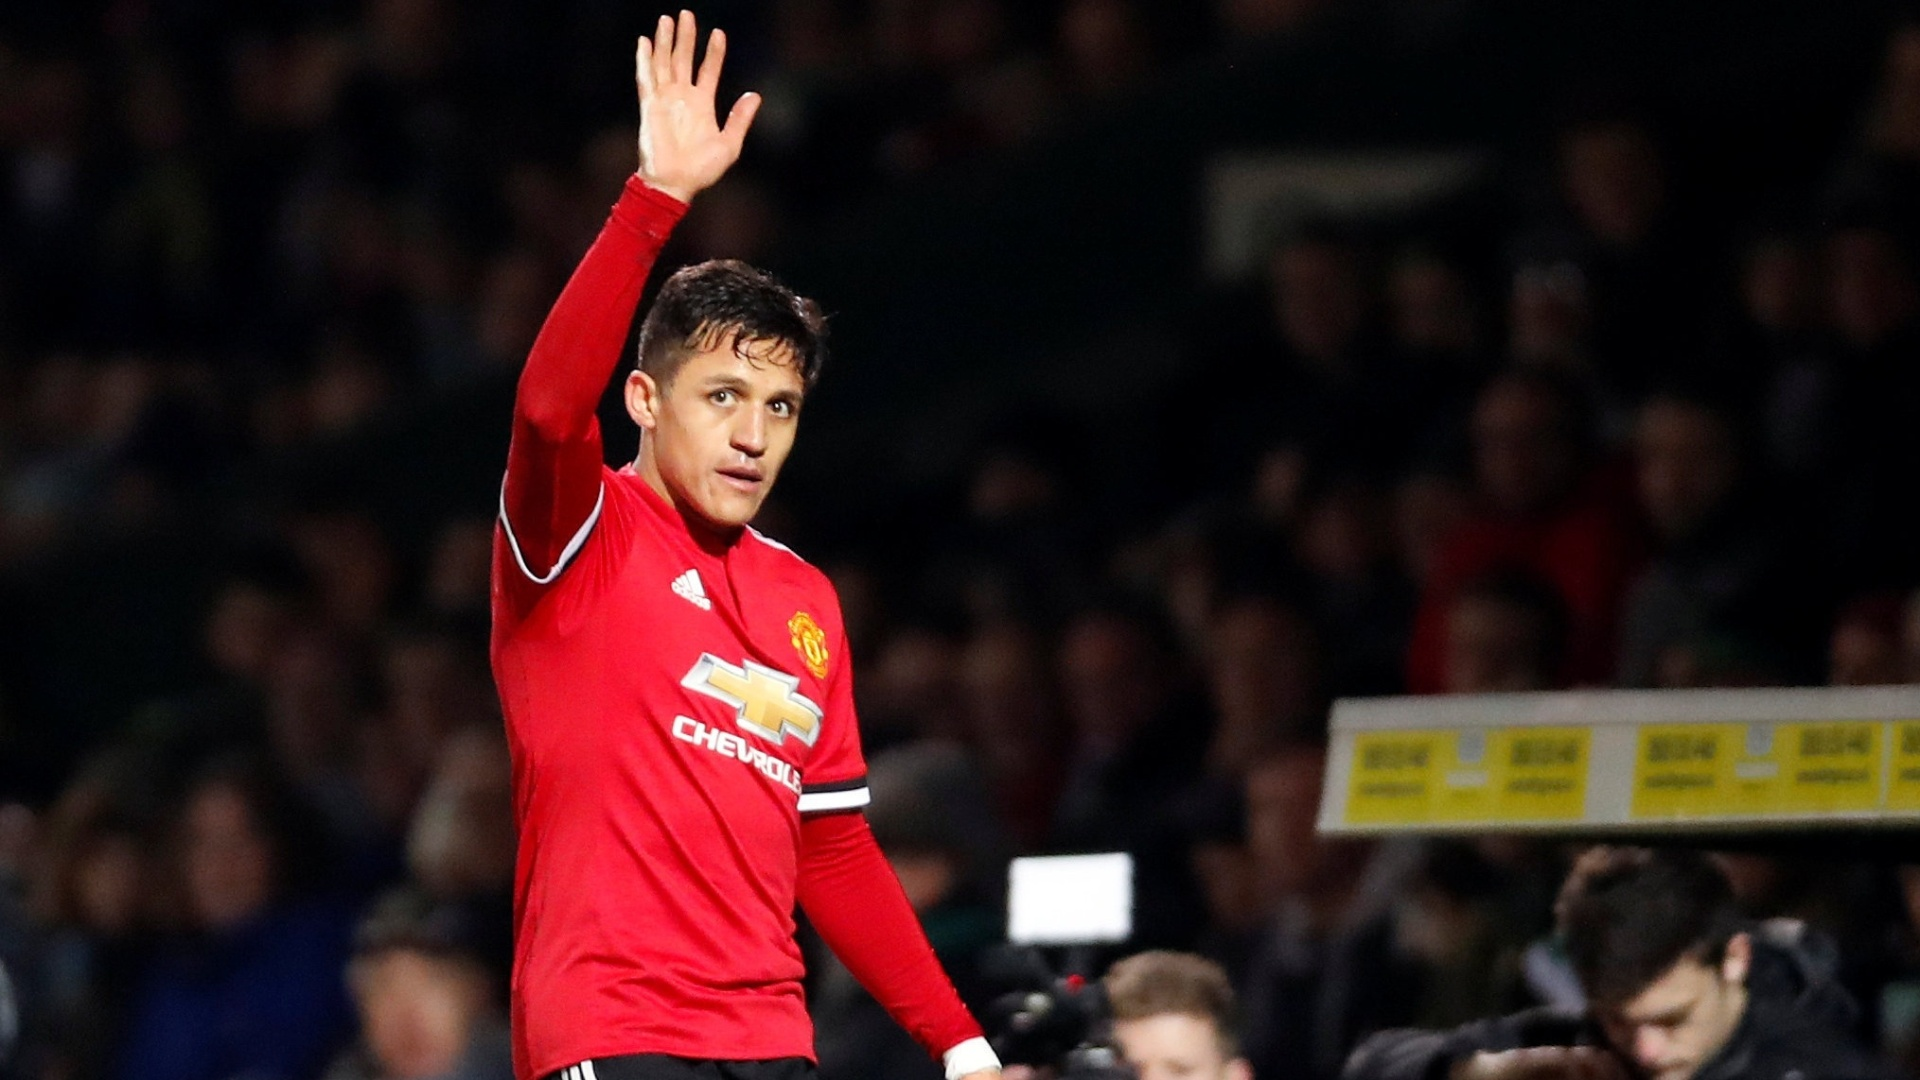 Alexis Sánchez cumprimenta a torcida em sua estreia pelo Manchester United